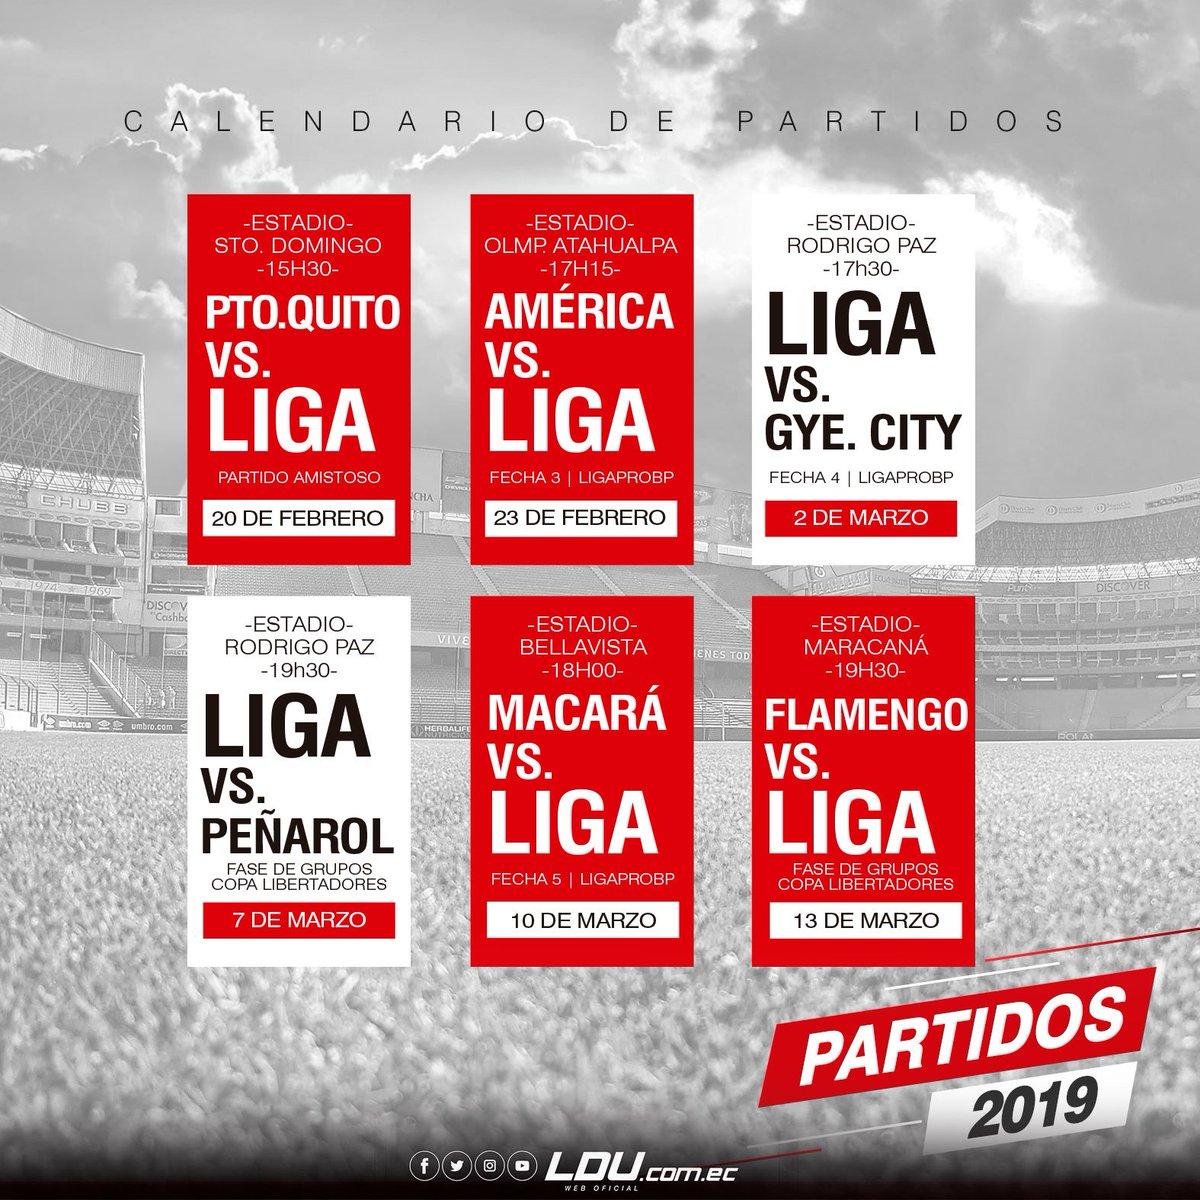 ¡Pronto inicia nuestra participación en #CopaLibertadores! Aquí nuestros próximos 6 partidos. ¡Mañana nos encontraremos con nuestra hinchada en Santo Domingo para la #TardeAzulGrana frente al @CLUBPUERTOQUITO! #CastaDeCampeón